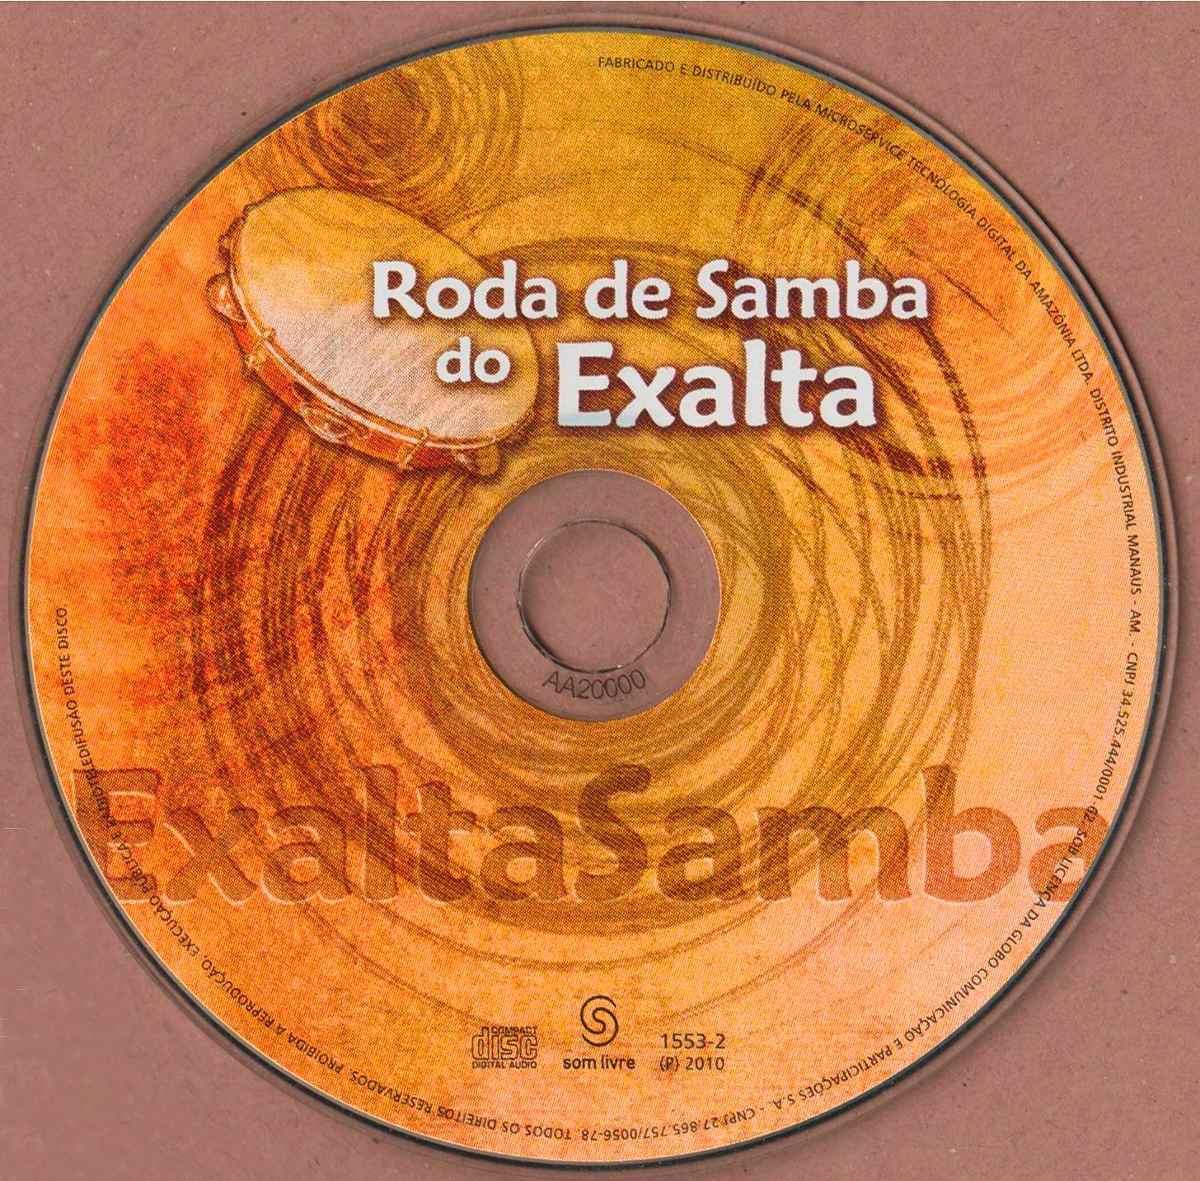 cd exaltasamba roda de samba 2010